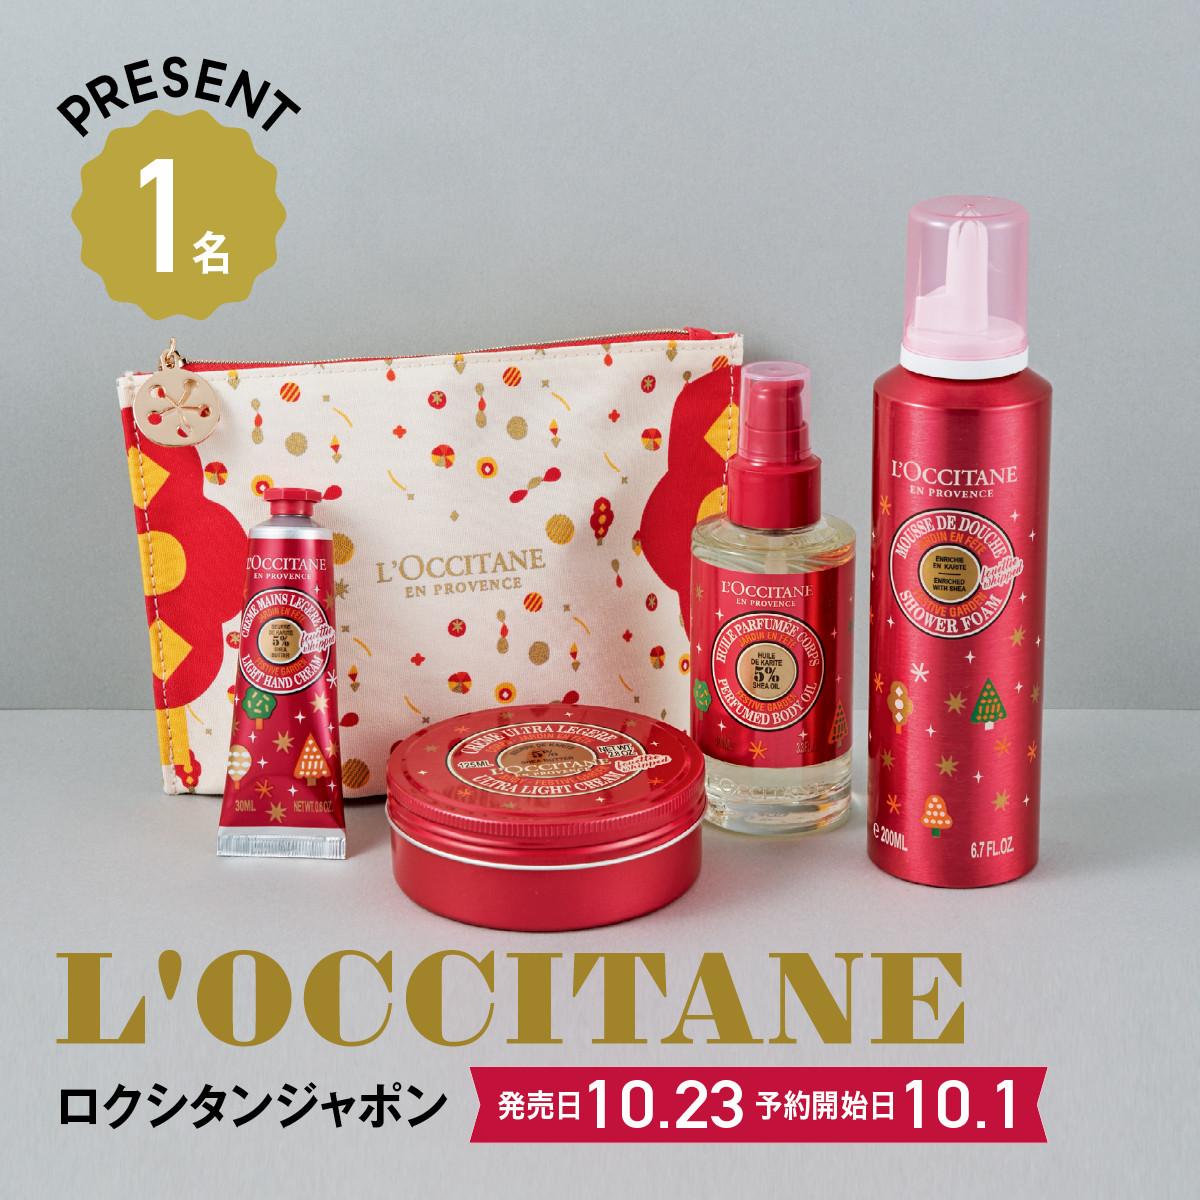 2019クリスマスコフレ&限定品:L'OCCITANE/ロクシタン